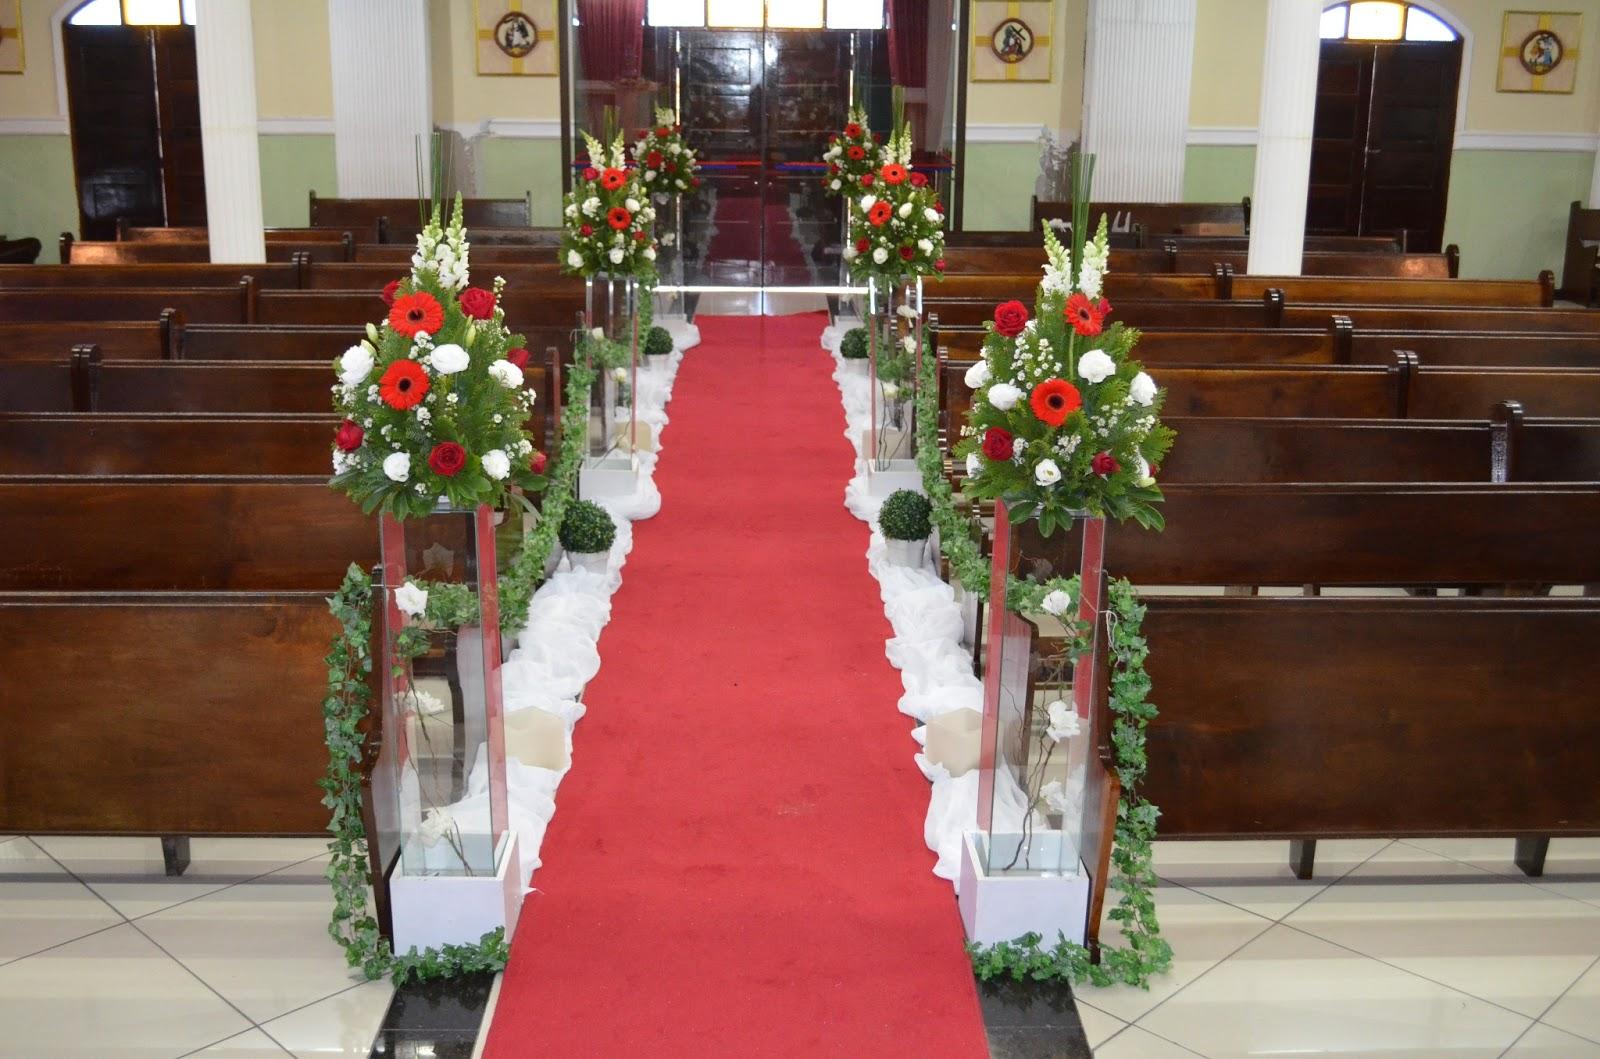 decoracao branca casamento: Decorações: Decoração de casamento vermelha e branca 08/07/2013